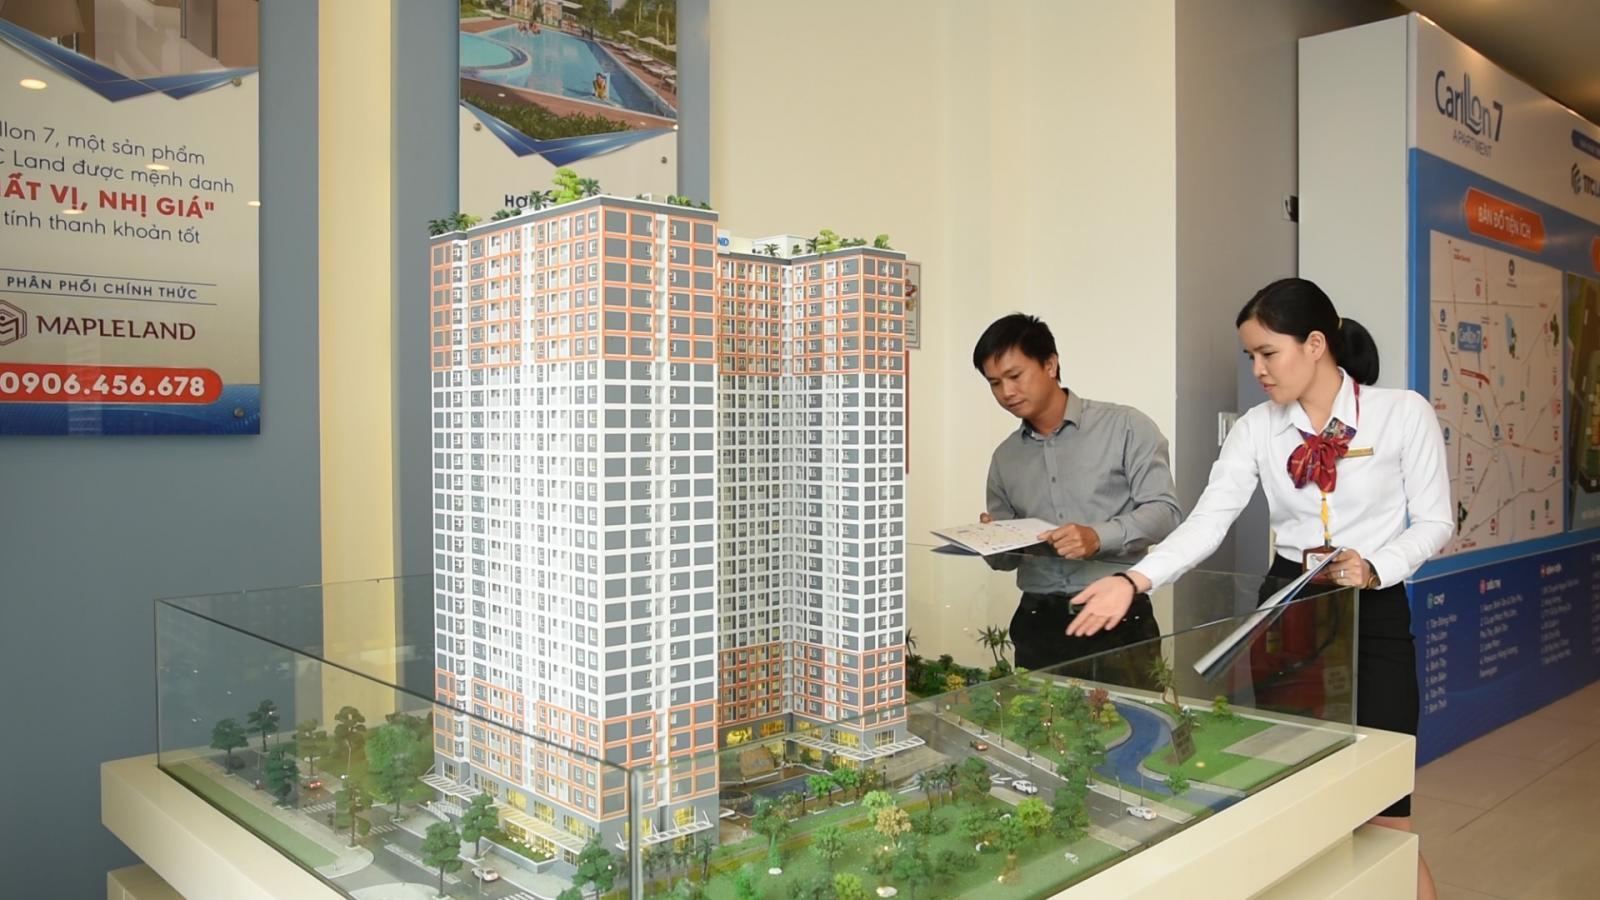 Nhân viên môi giới bất động sản nữ giới thiệu một khách hàng nam sa bàn một dự án căn hộ chung cư.